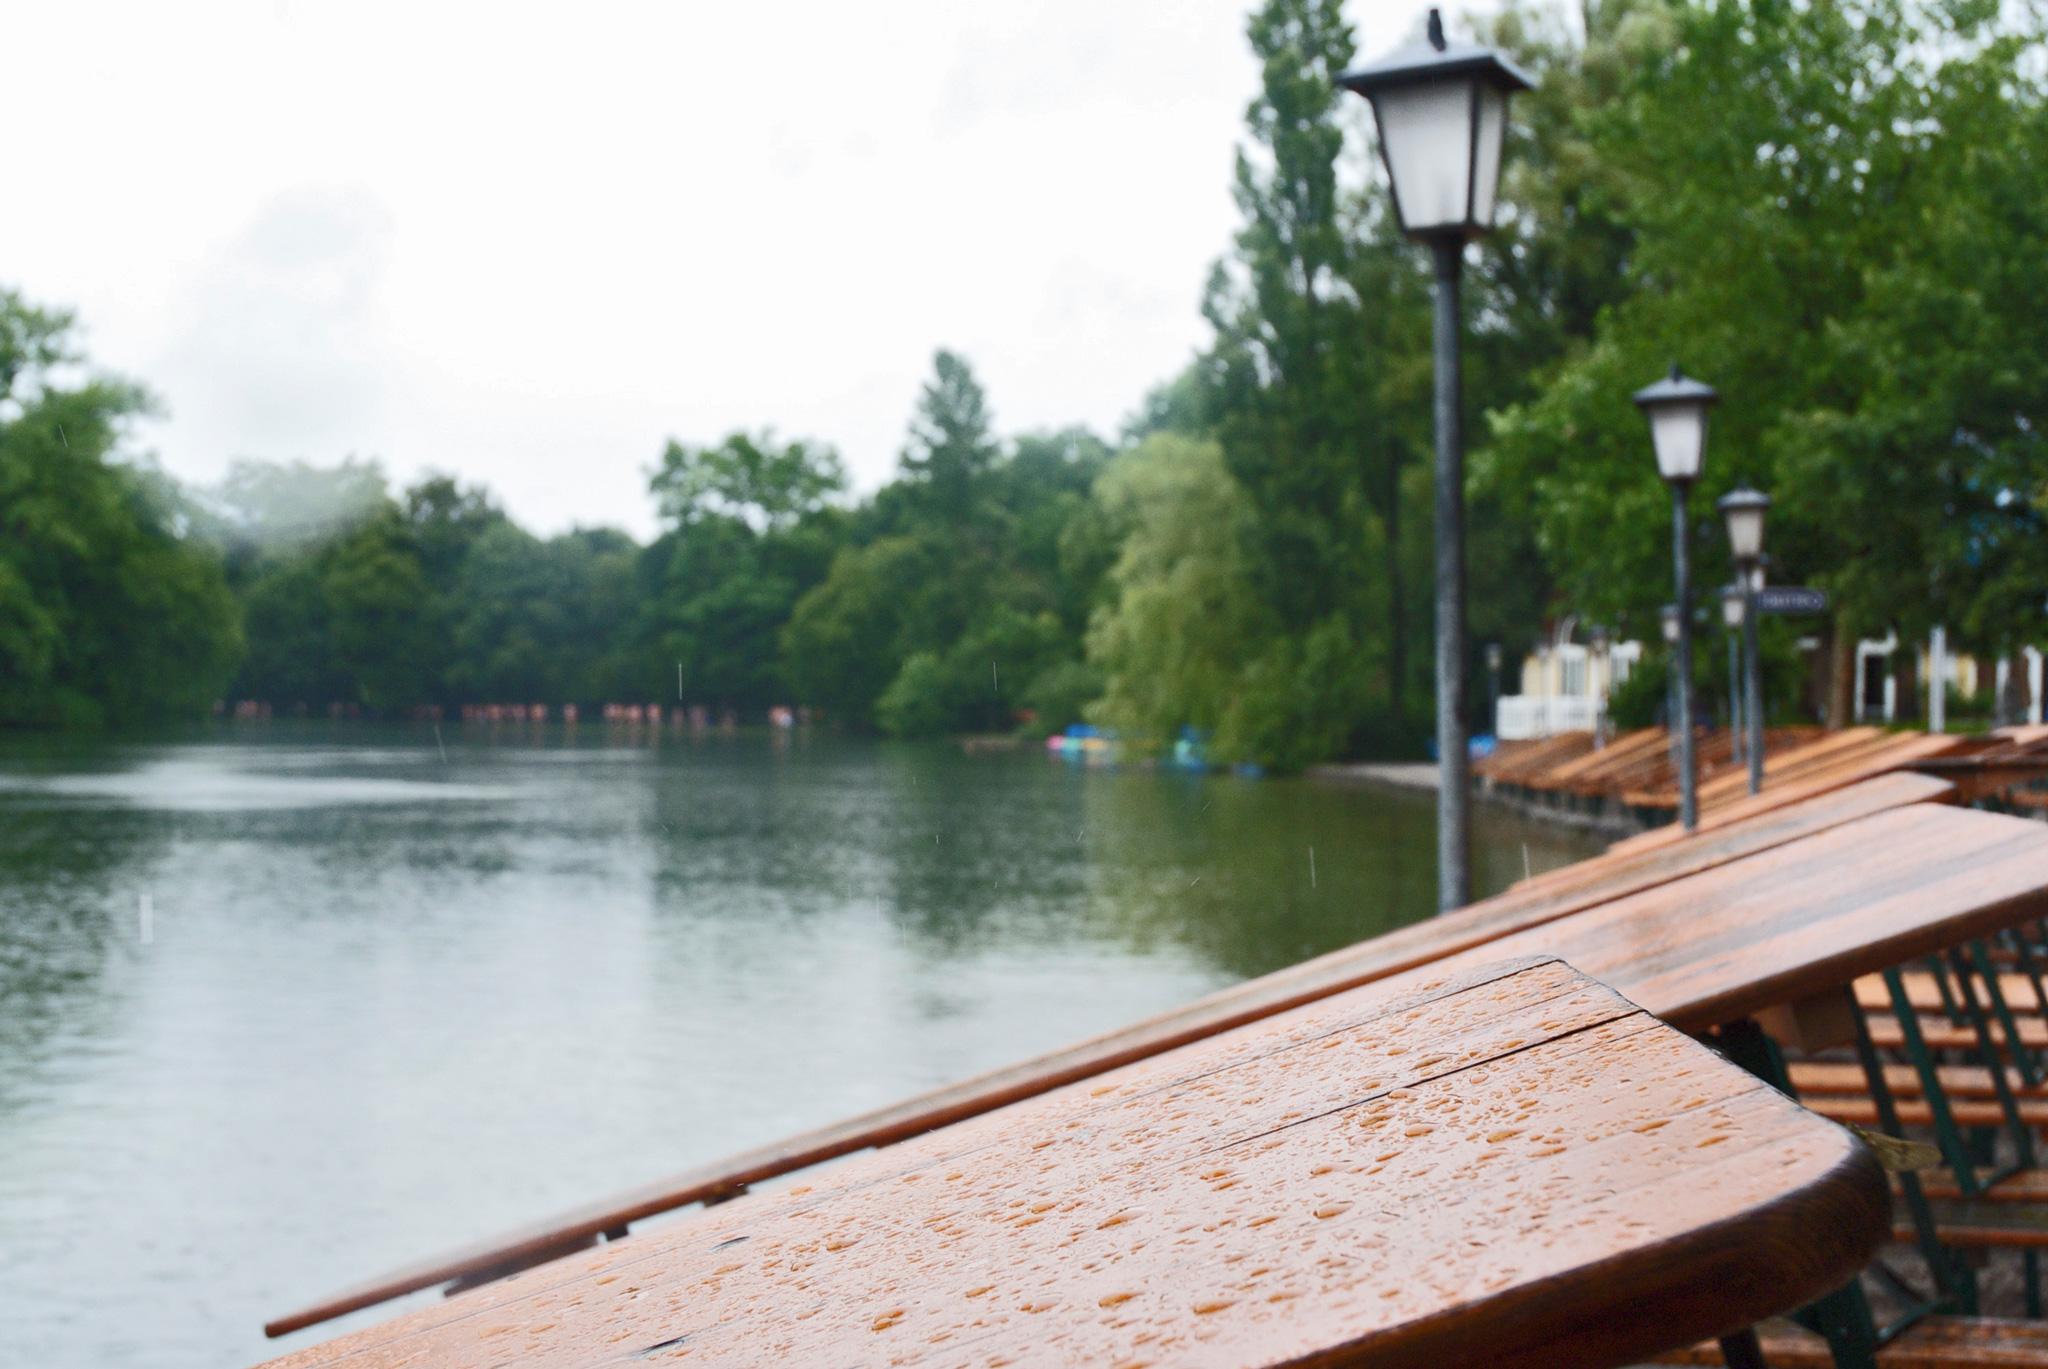 Die Tische sind hochgeklappt – Kein Bier im Seehaus in Schwabing